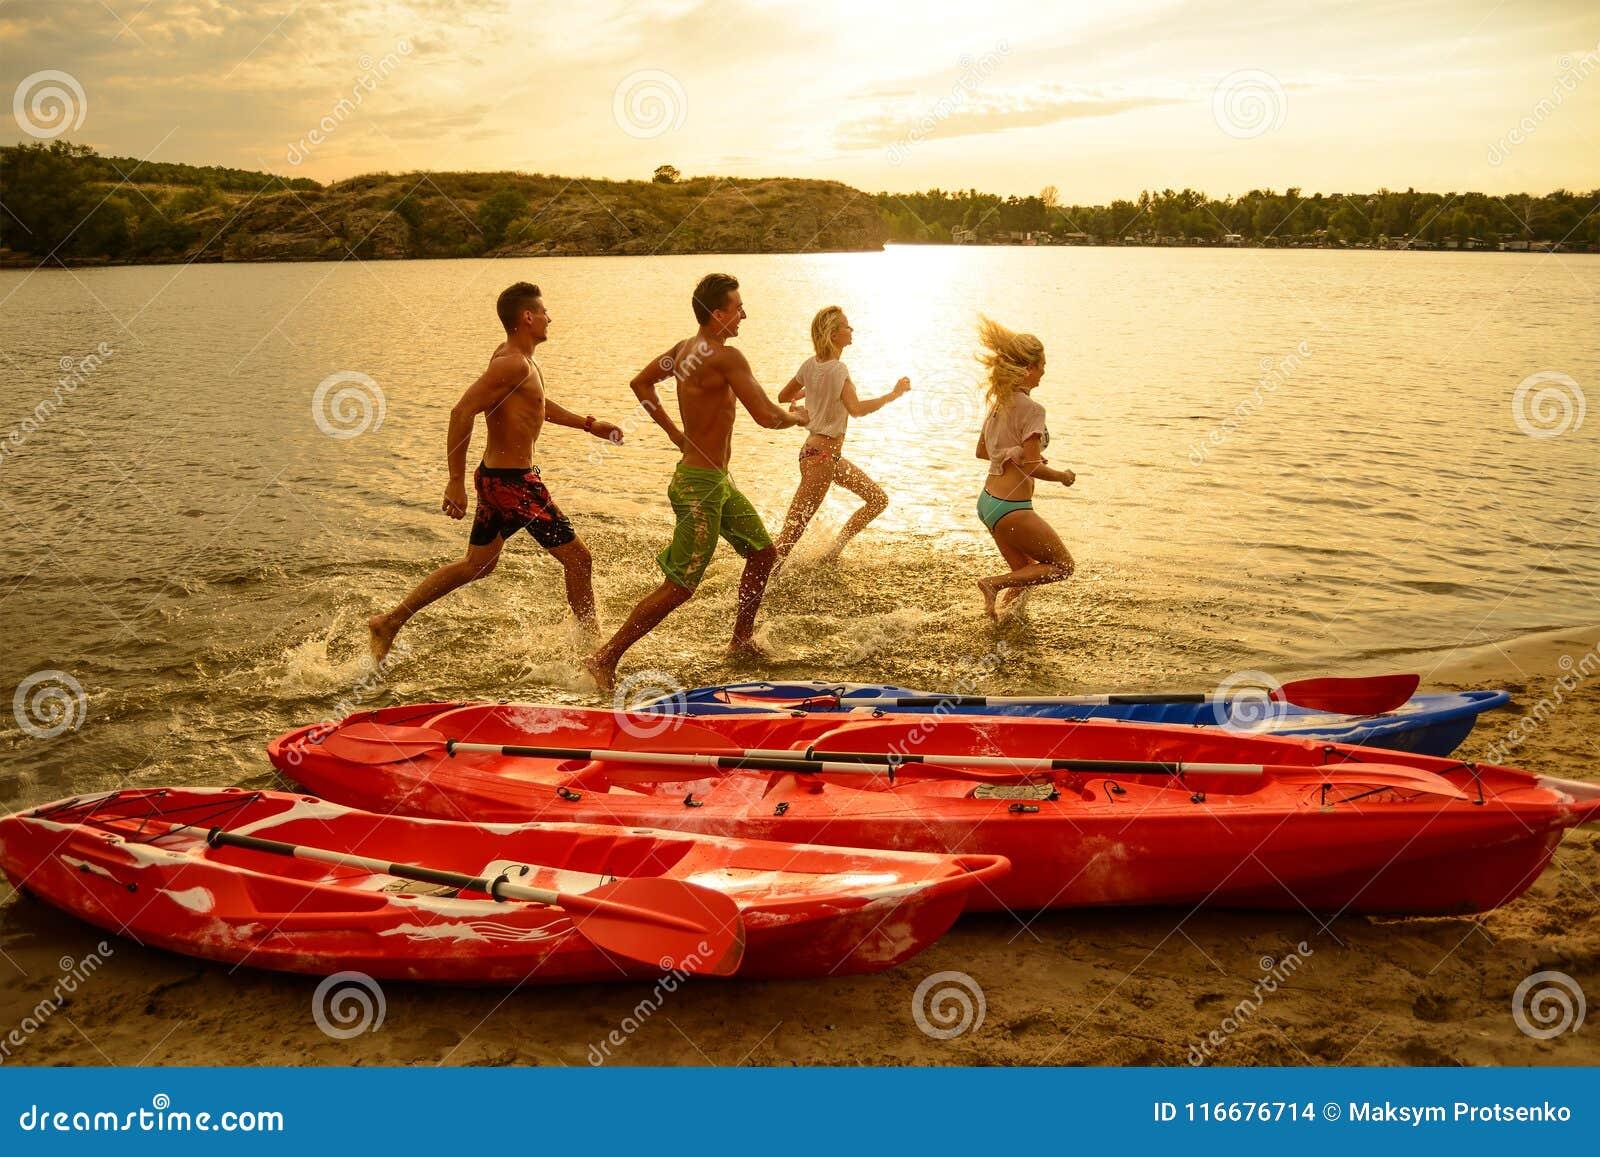 Vänner som spelar och har gyckel i vattnet på stranden nära kajaker under den dramatiska aftonhimlen på solnedgången